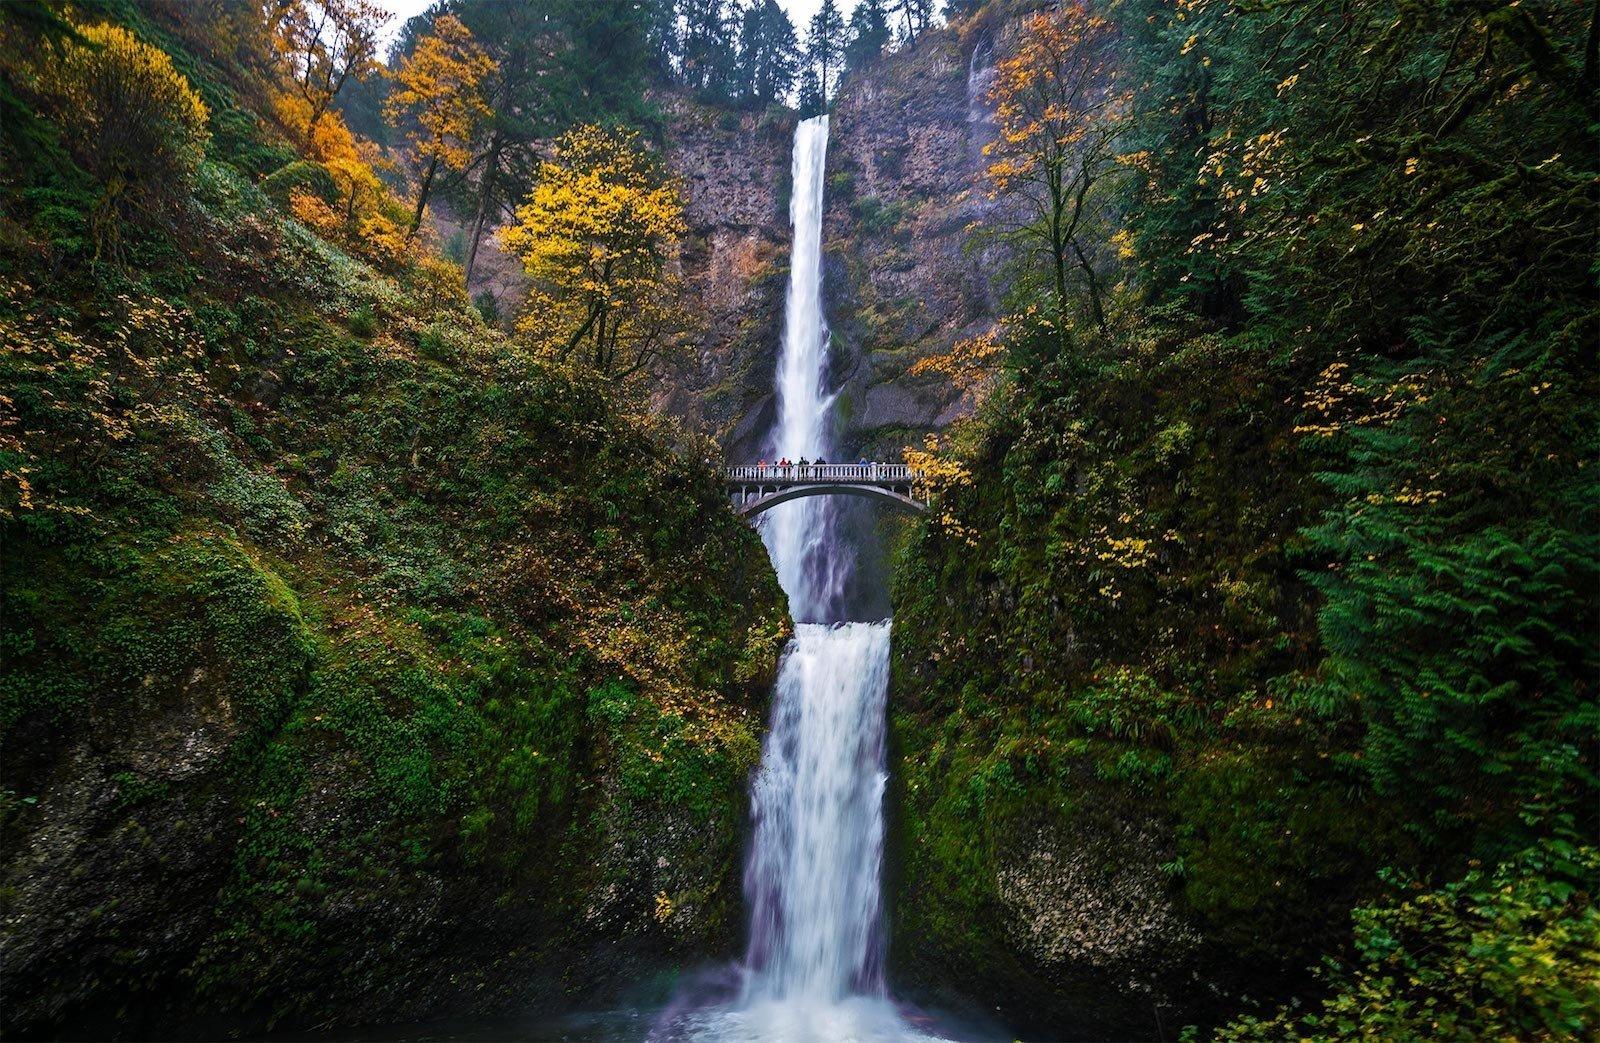 Водопад Малтнома, Орегон, США красивые места, мир, природа, путешествия, сказка